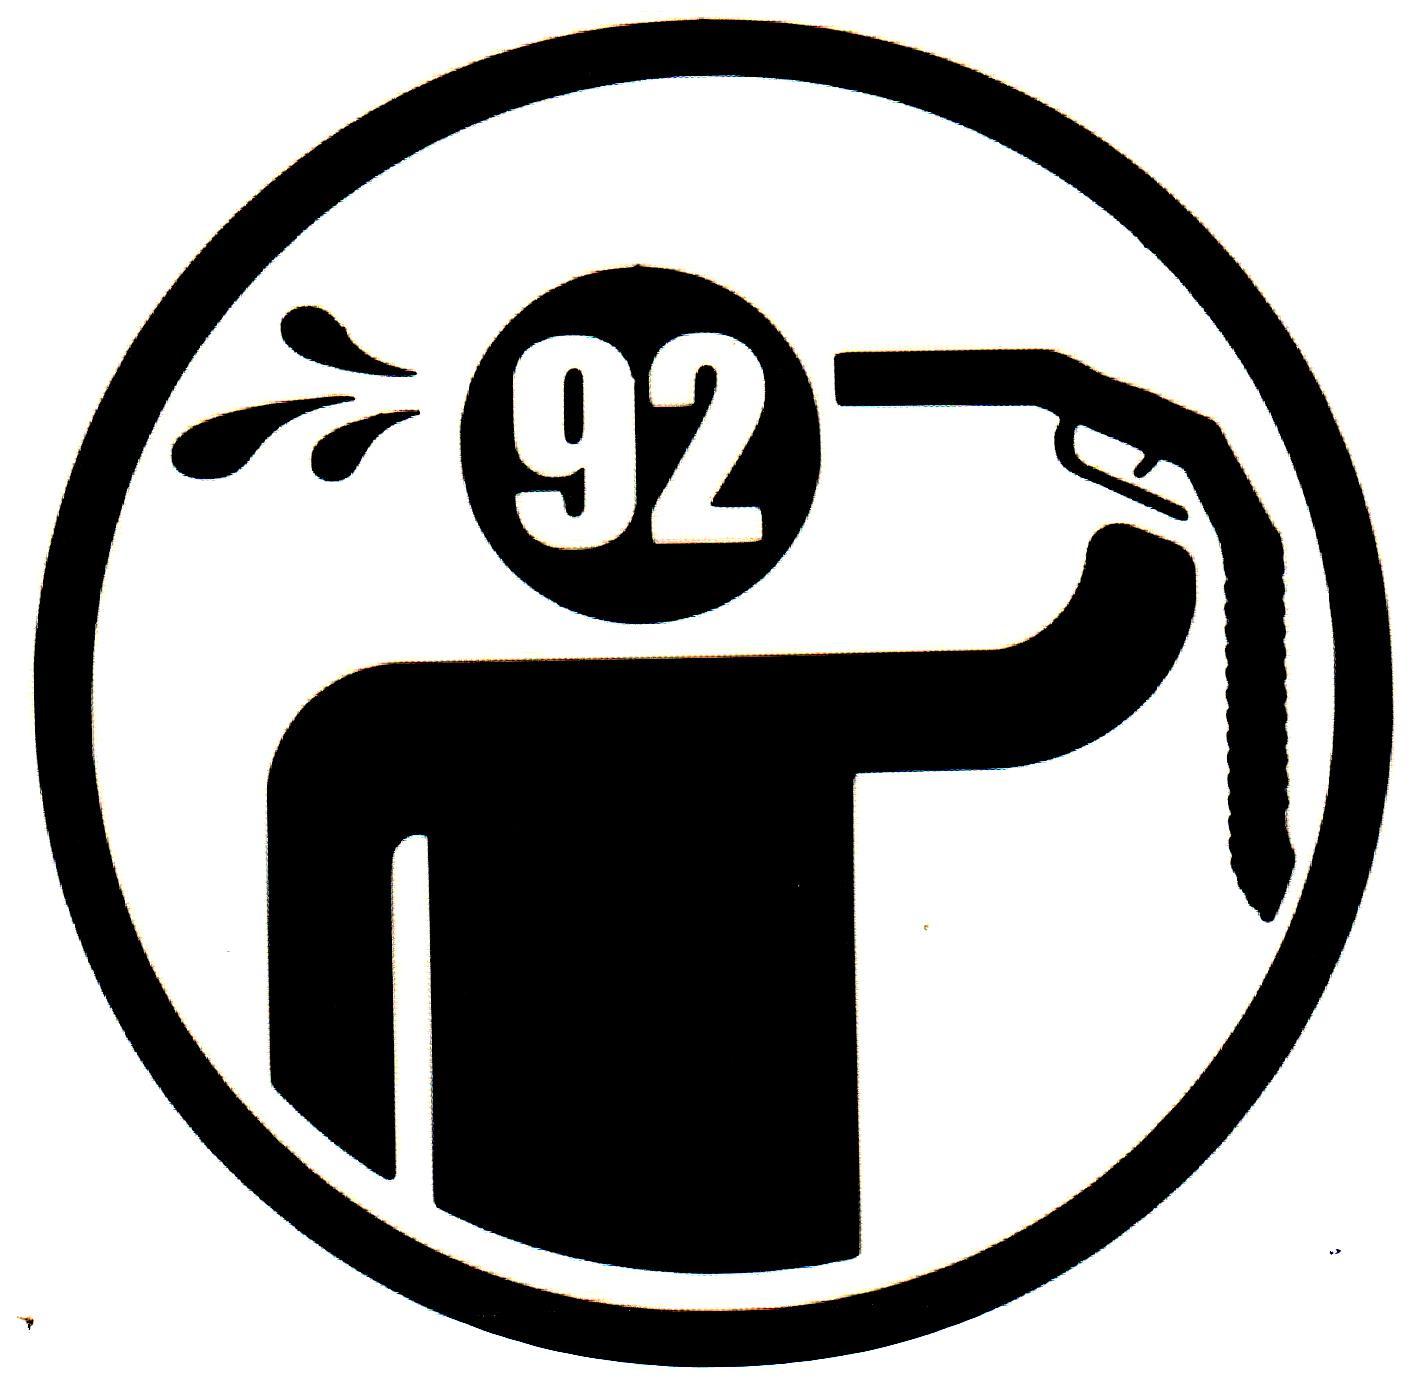 Наклейка автомобильная Mashinokom Цена АИ-92, VRC 015-10, 11,5*11,5 см наклейка автомобильная decoretto великая отечественная виниловая 37 х 50 см